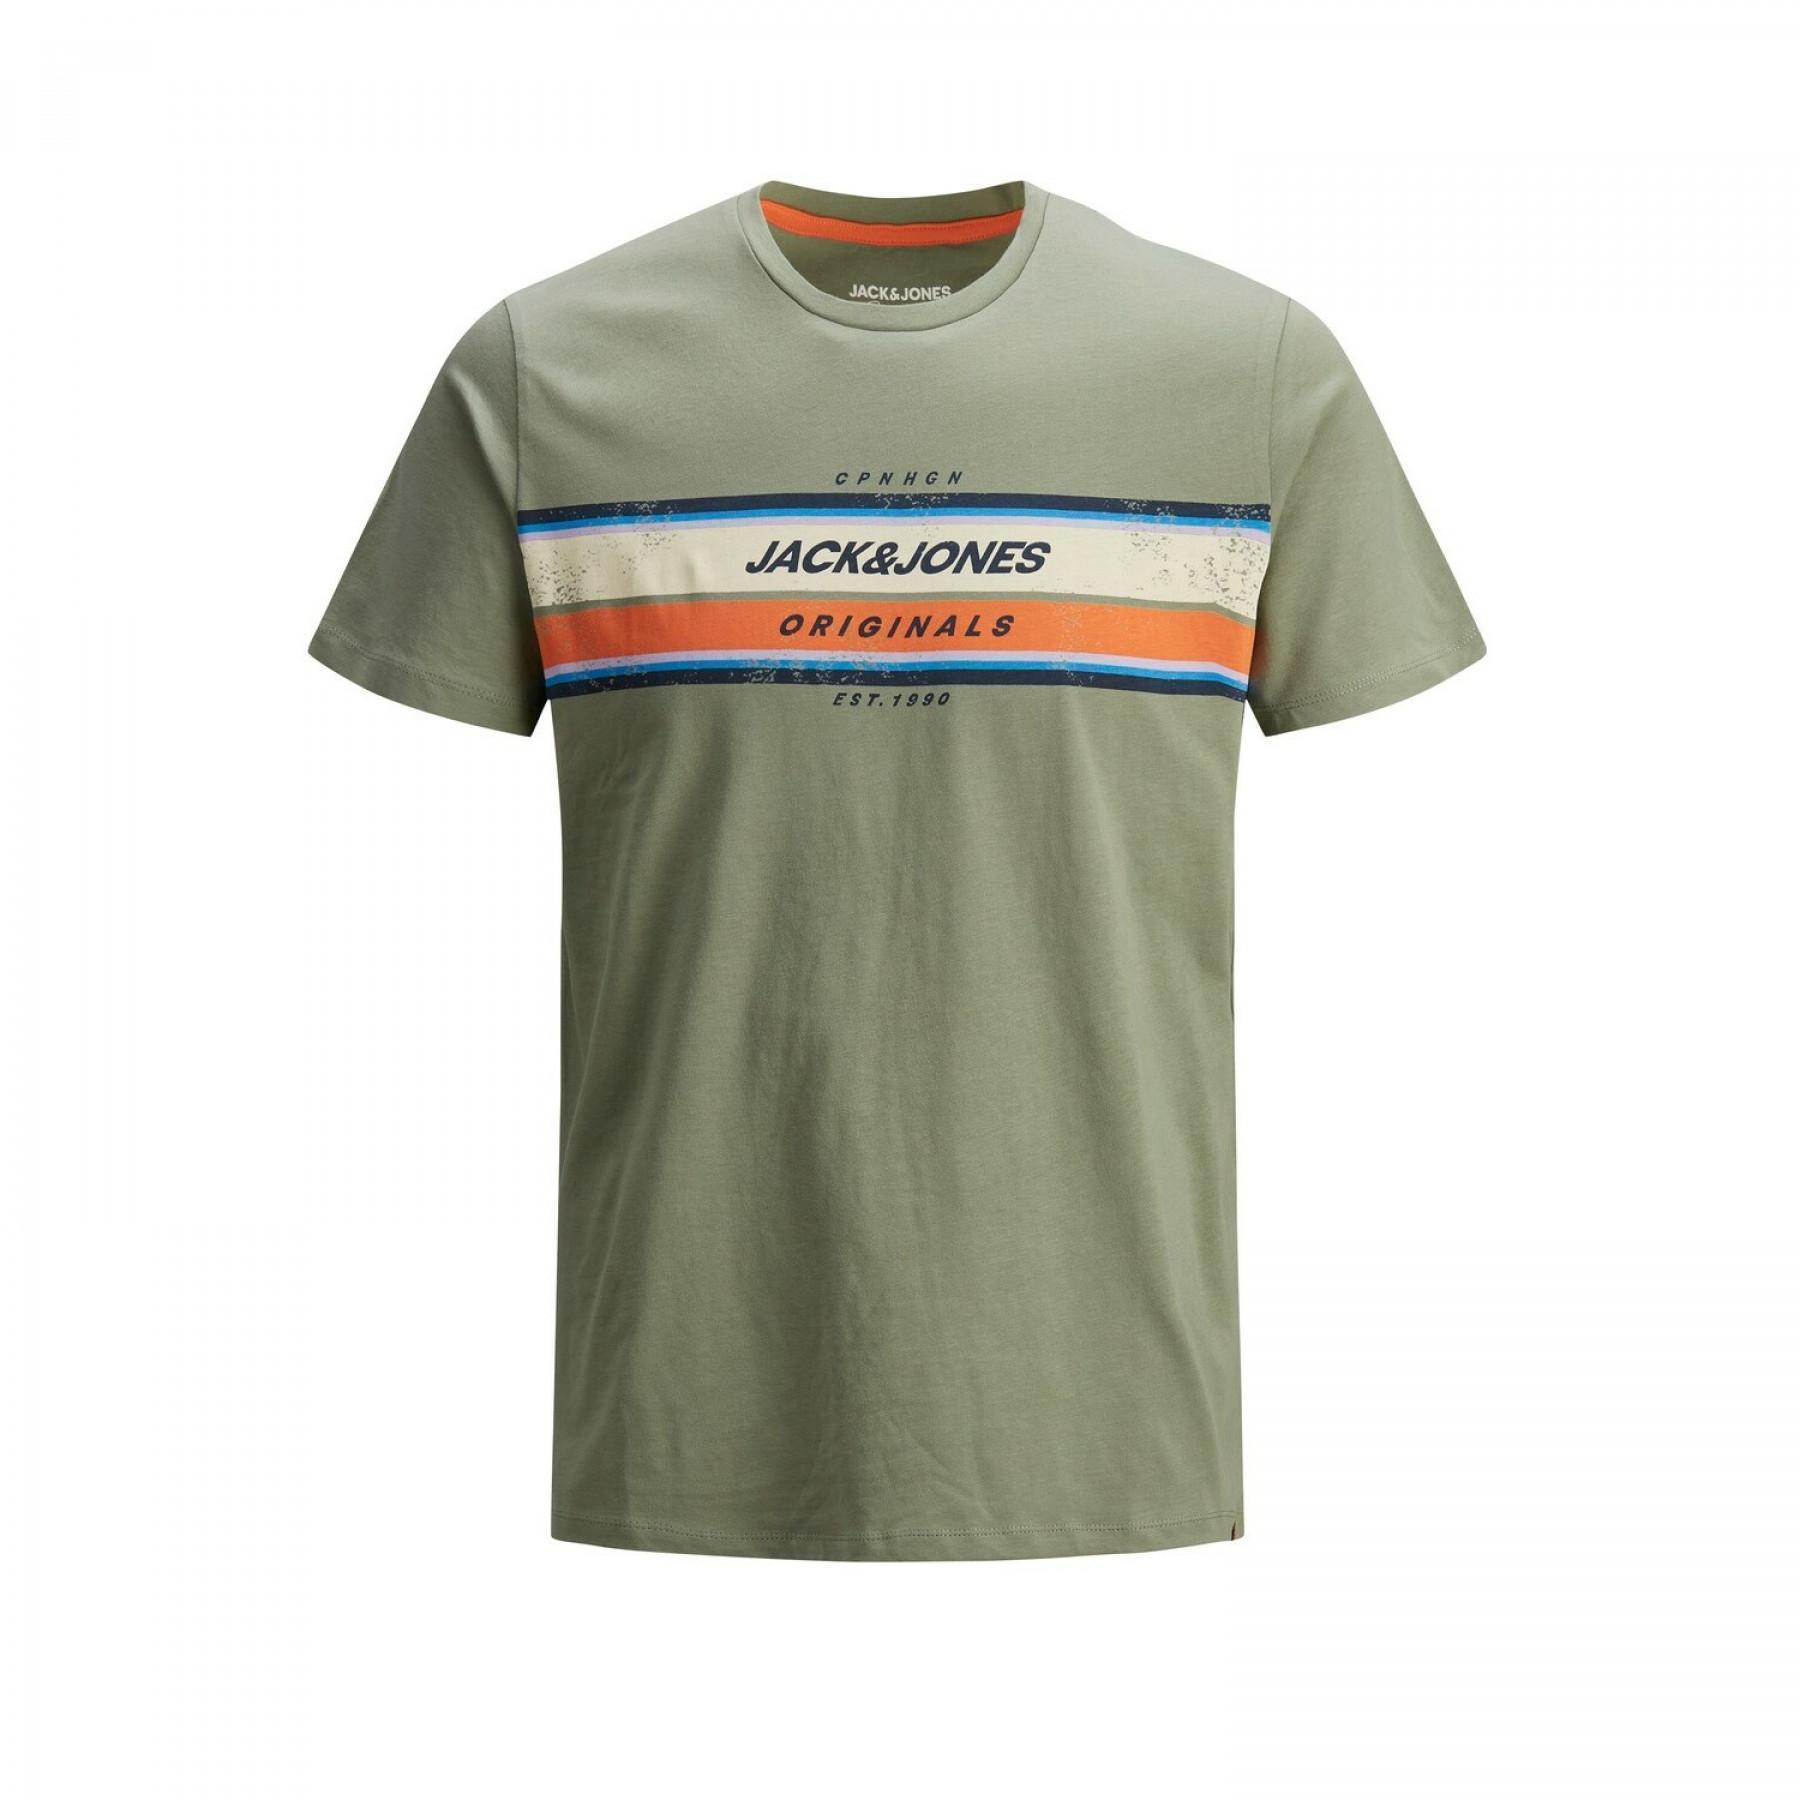 Jack & Jones crew neck tyler t-shirt